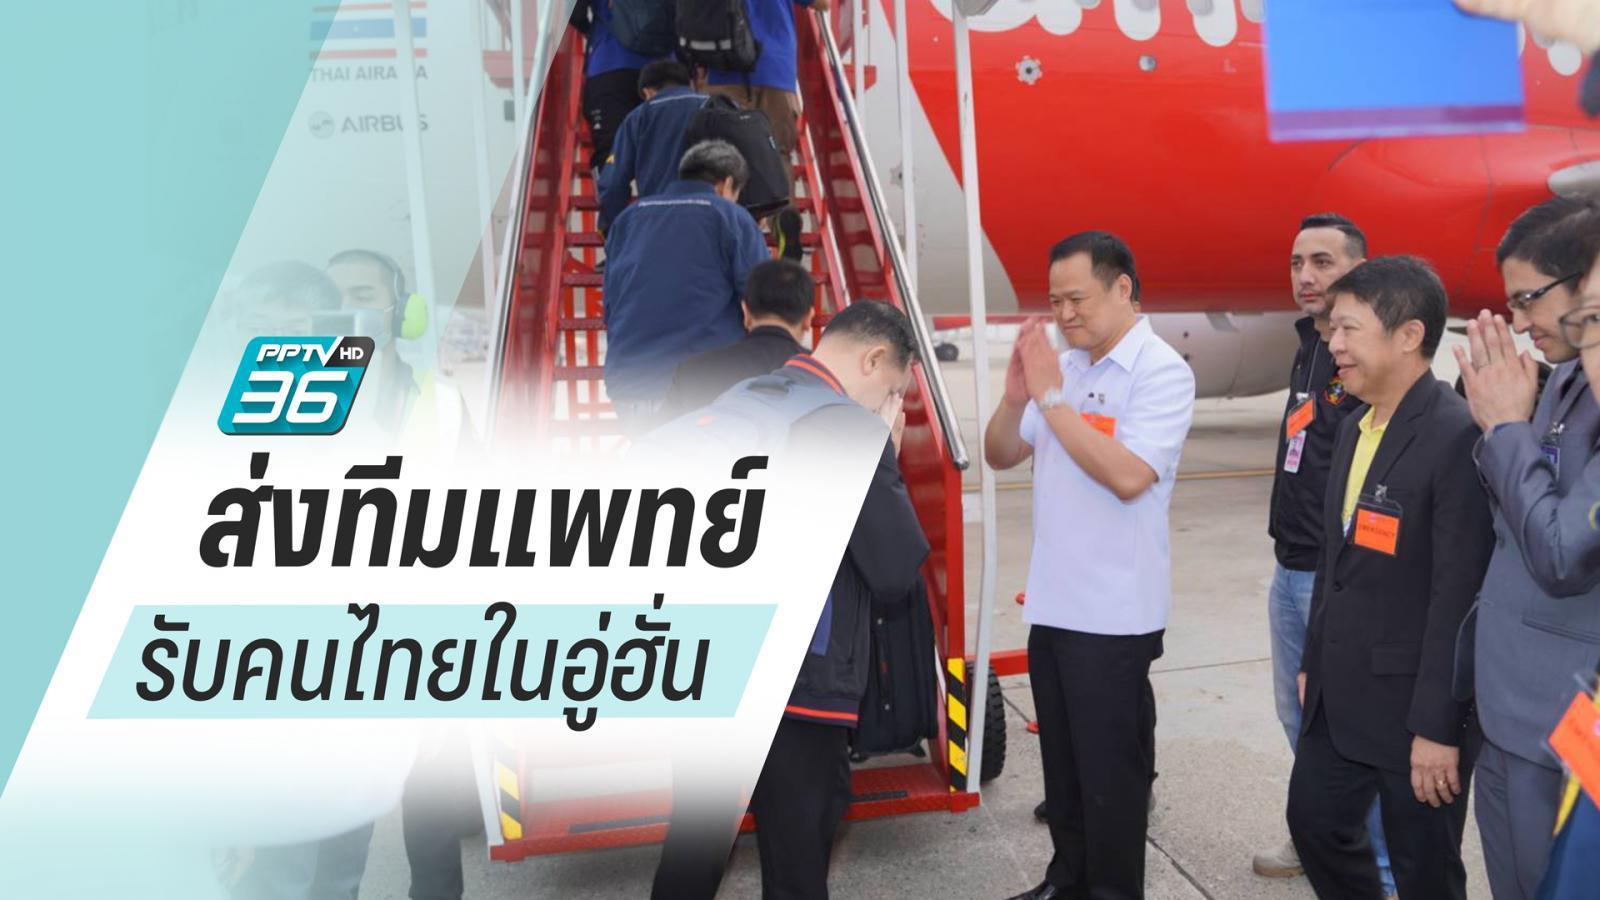 """ไวรัสโคโรนา: """"อนุทิน"""" ส่งทีมบุคลากรทางการแทพย์เดินทางรับคนไทยในอู่ฮั่น"""